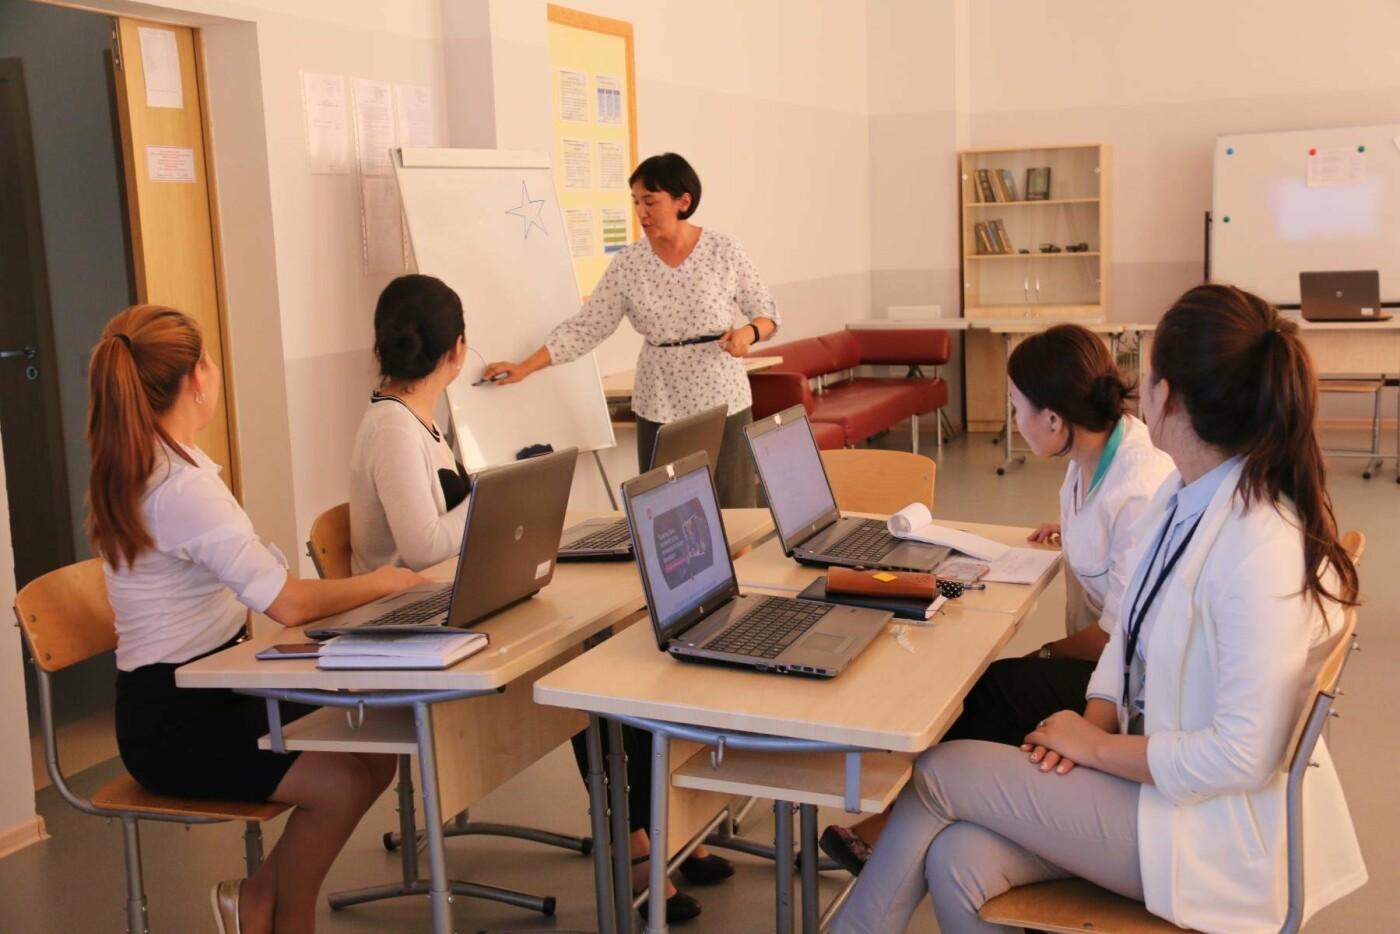 Айгуль Тасанова из Актау признана одним из лучших психологов в Казахстане, фото-1